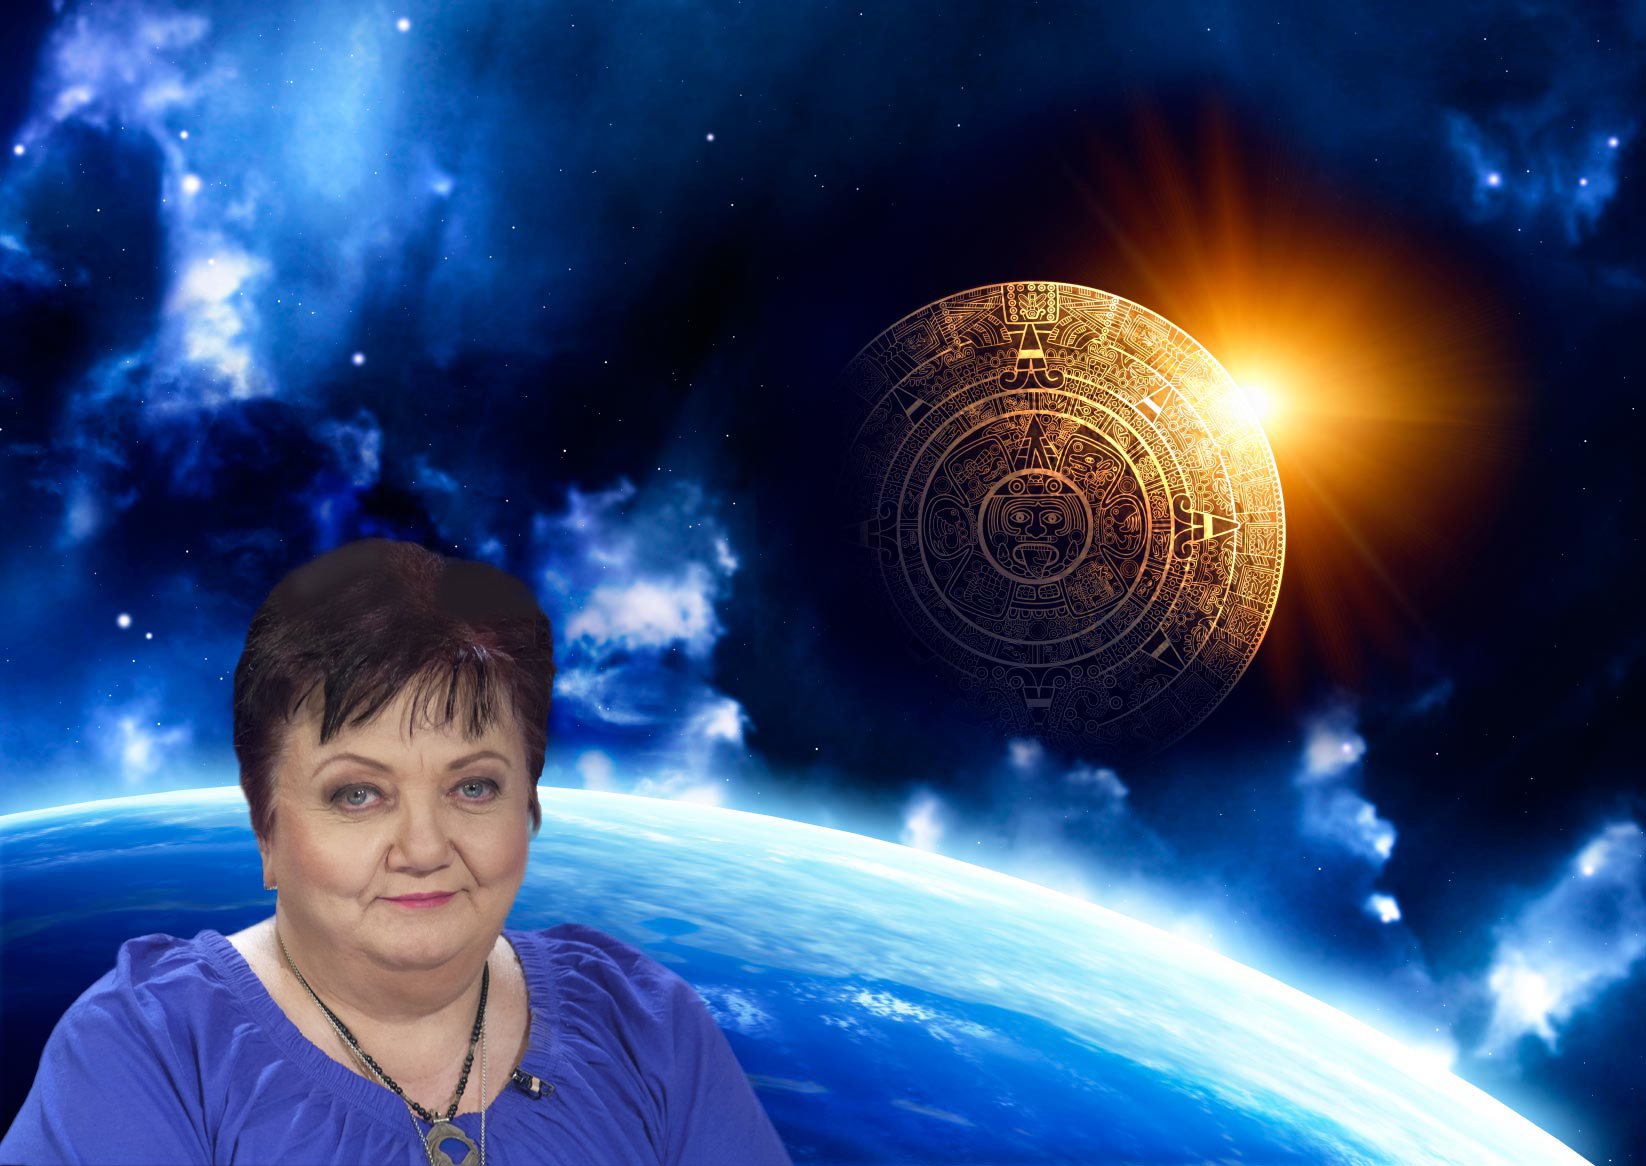 Ruşinea Murfatlar: Lacrima lui Ovidiu, o poşircă produsă ...  |Horoscop 25 Septembrie 2020